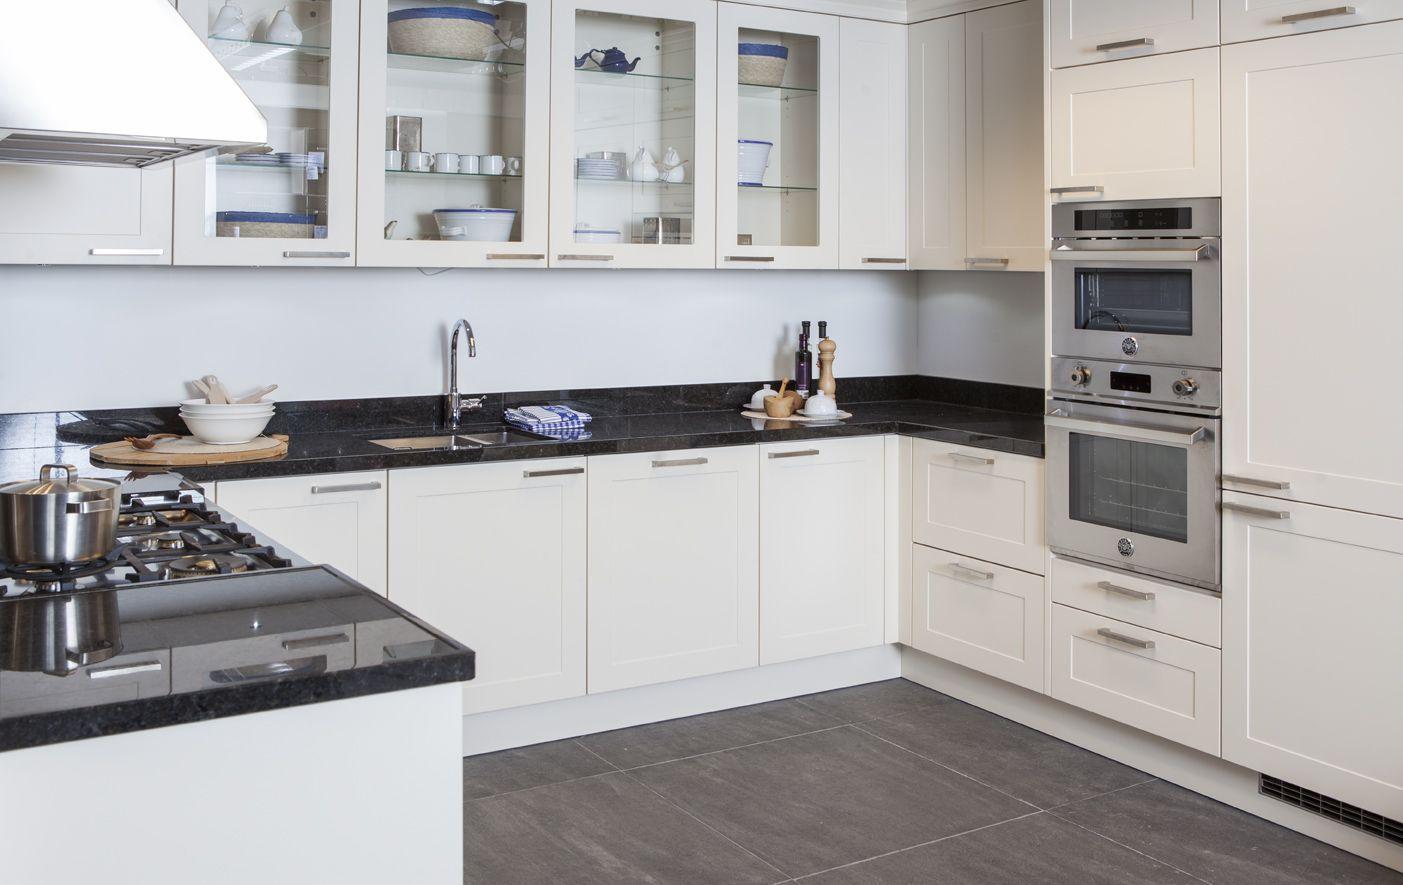 Keuken Afmetingen : zeer complete u keuken 48773 complete u keuken met granieten werkblad